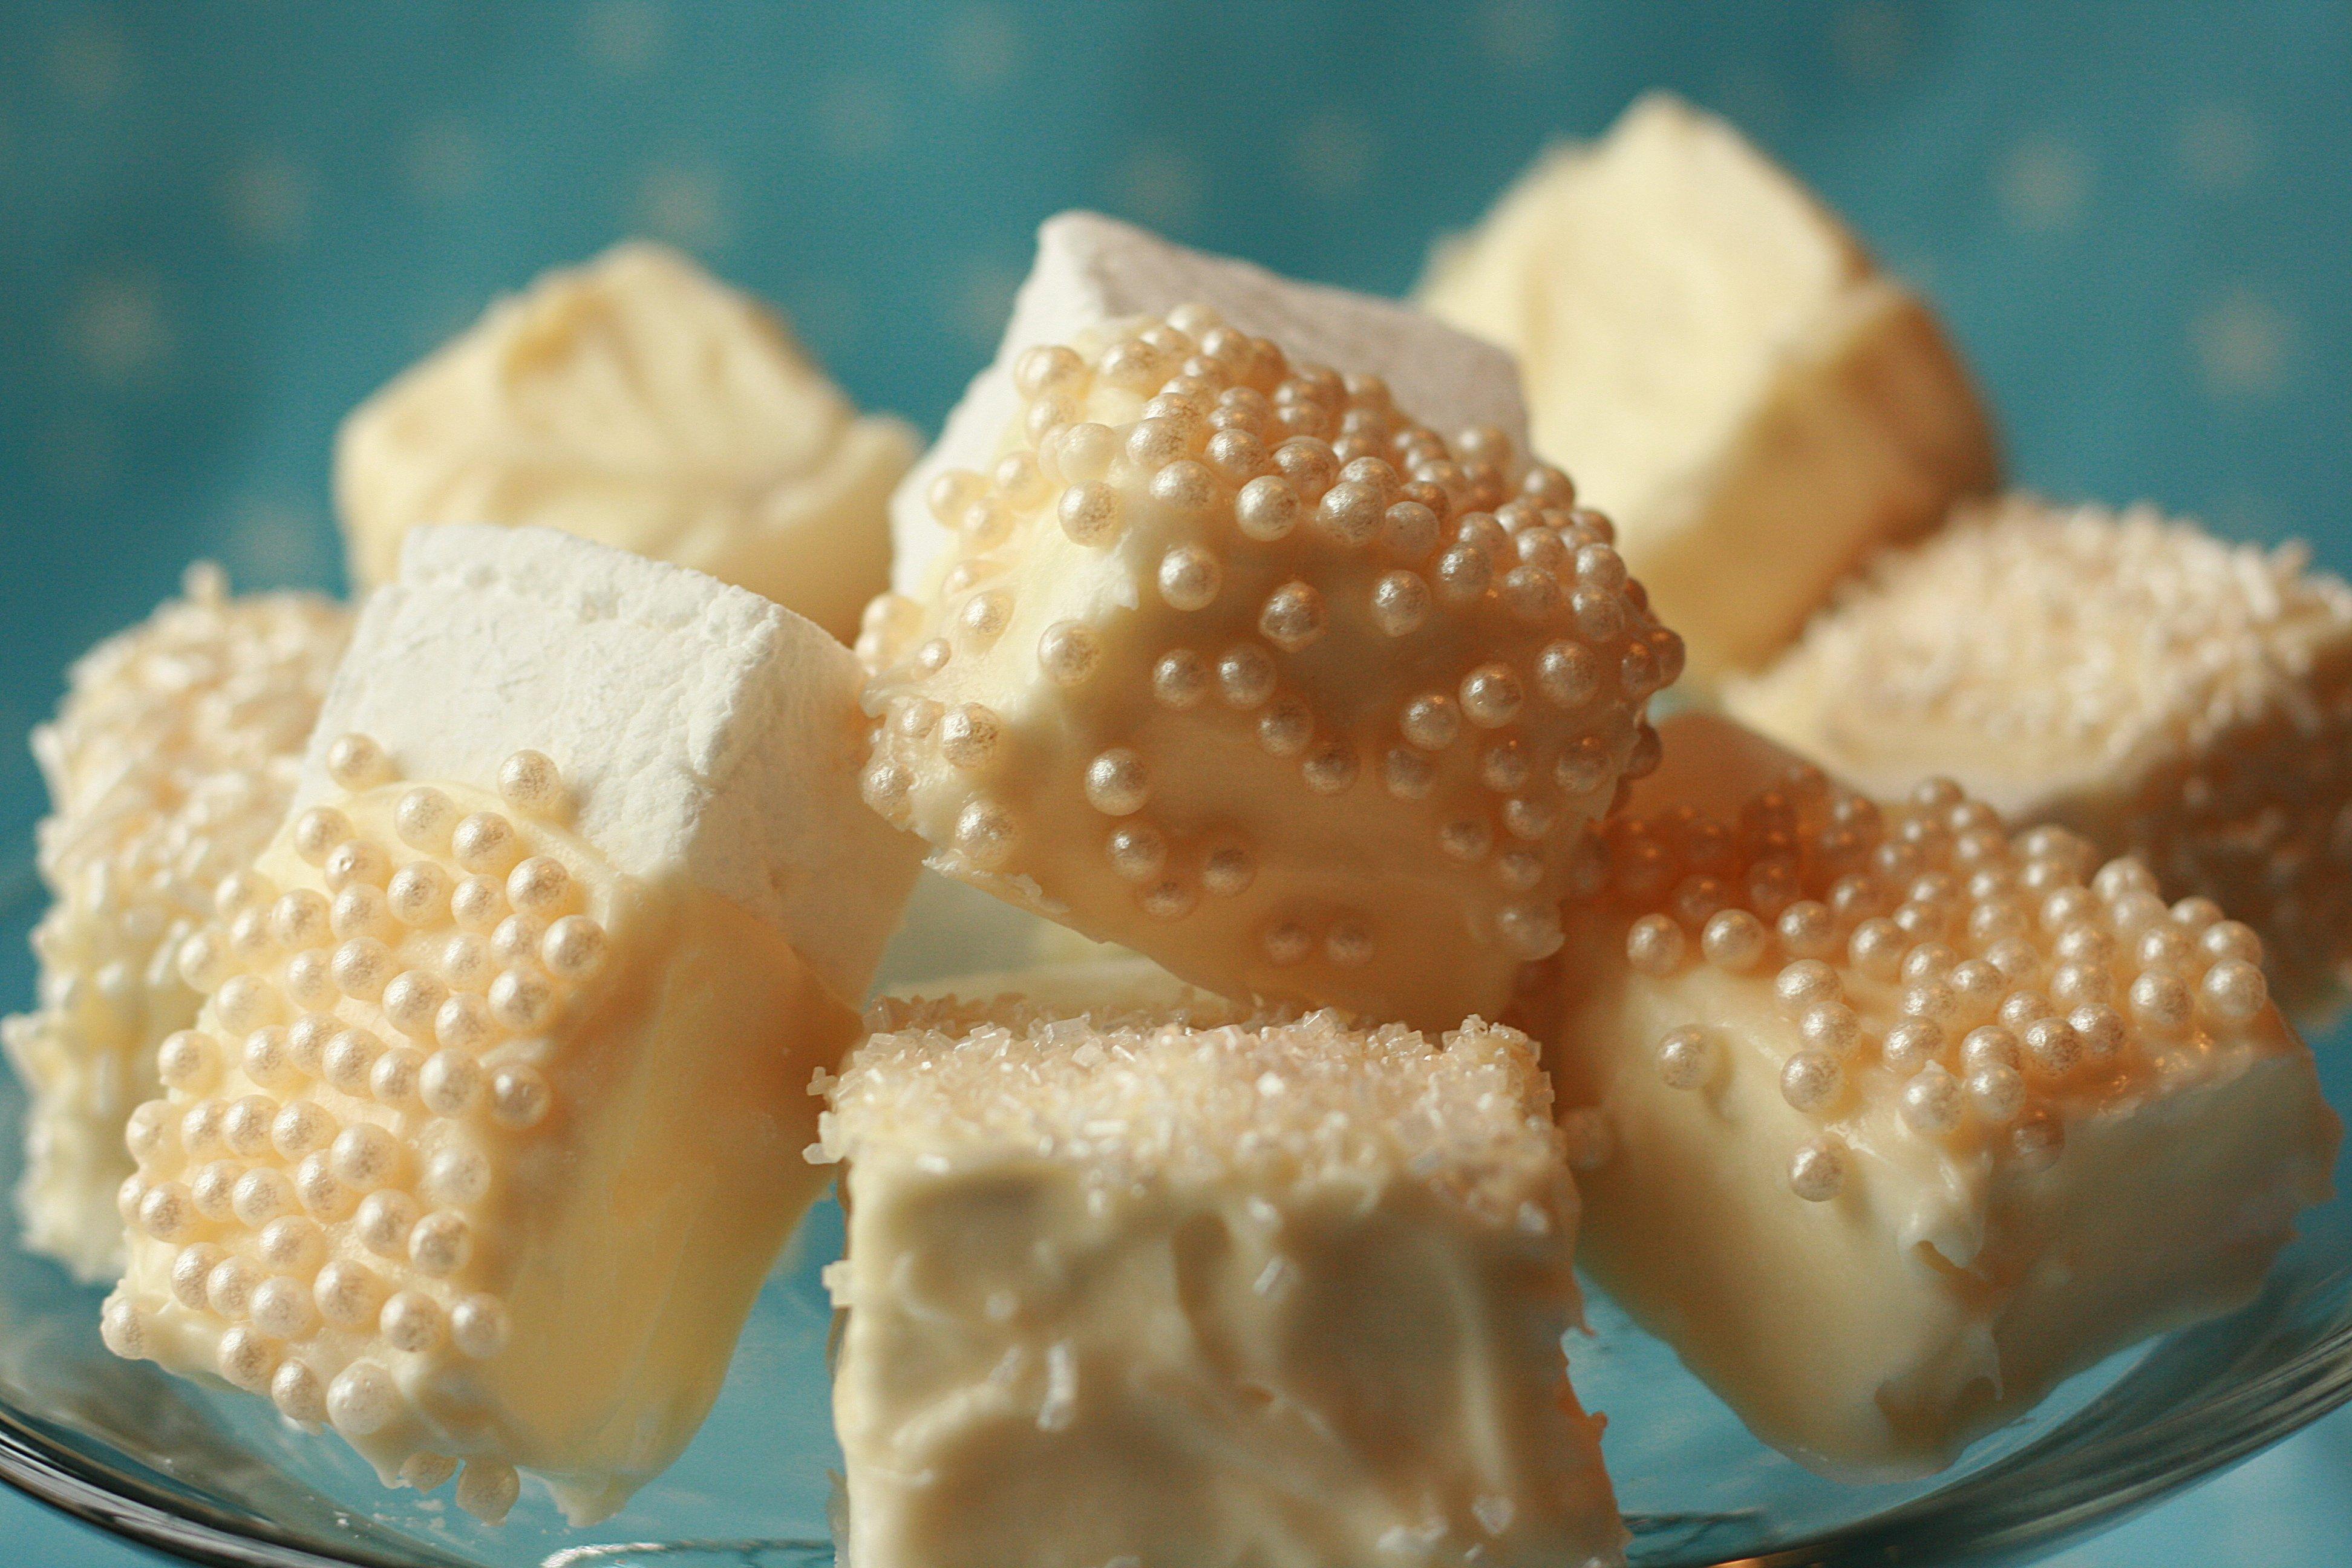 DIY: Homemade Marshmallows & Smores | Pizzazzerie